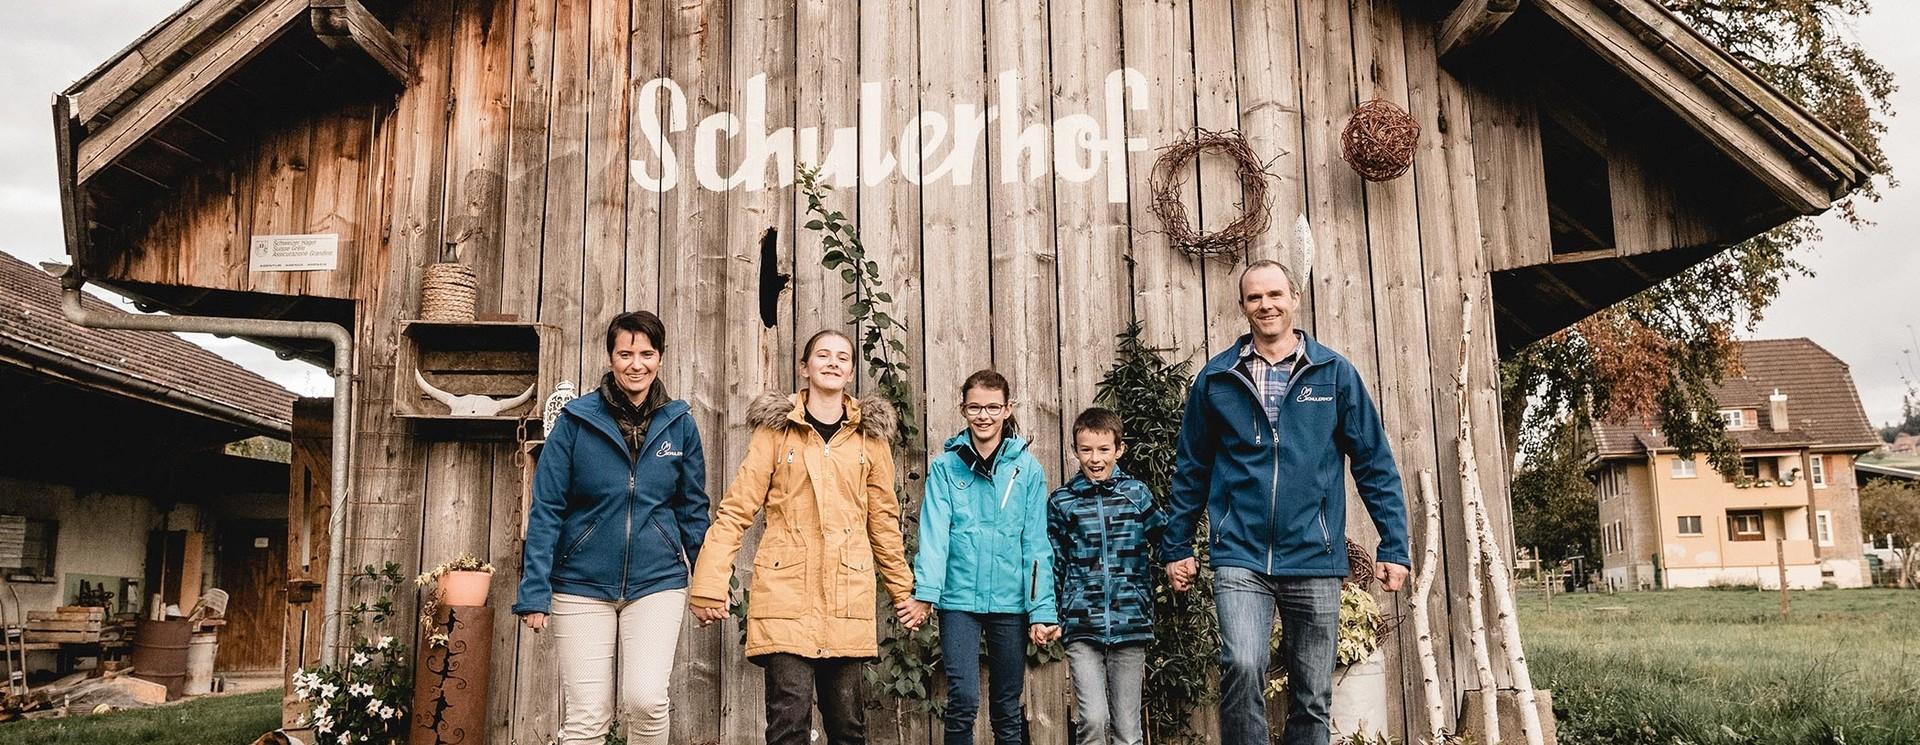 Schulerhof, Grosswangen LU